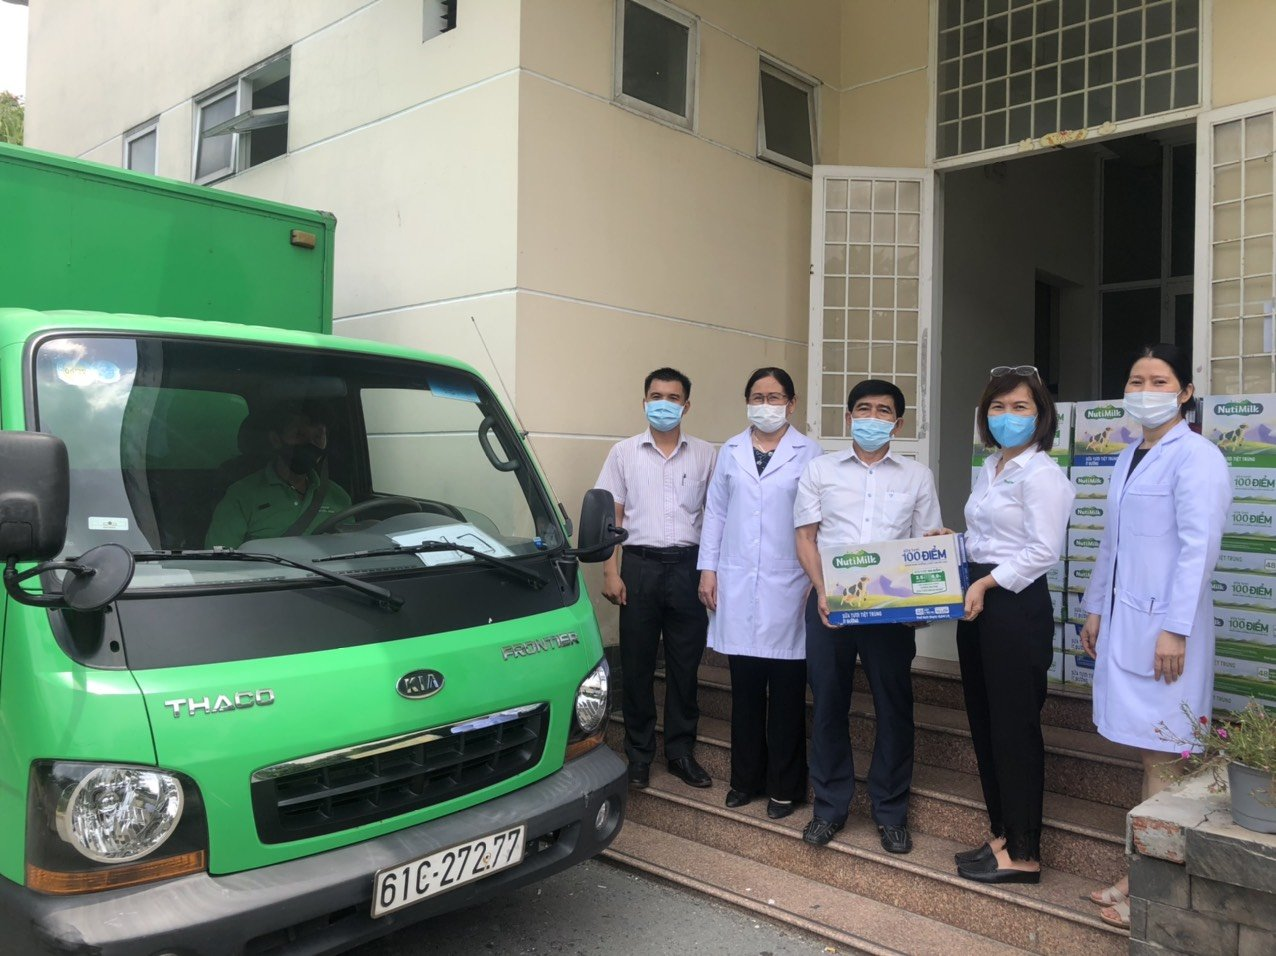 Bác sĩ  Trần Thị Minh Nguyệt trao tặng sữa cho các y bác sĩ đang thực hiện nhiệm vụ tại quận 12